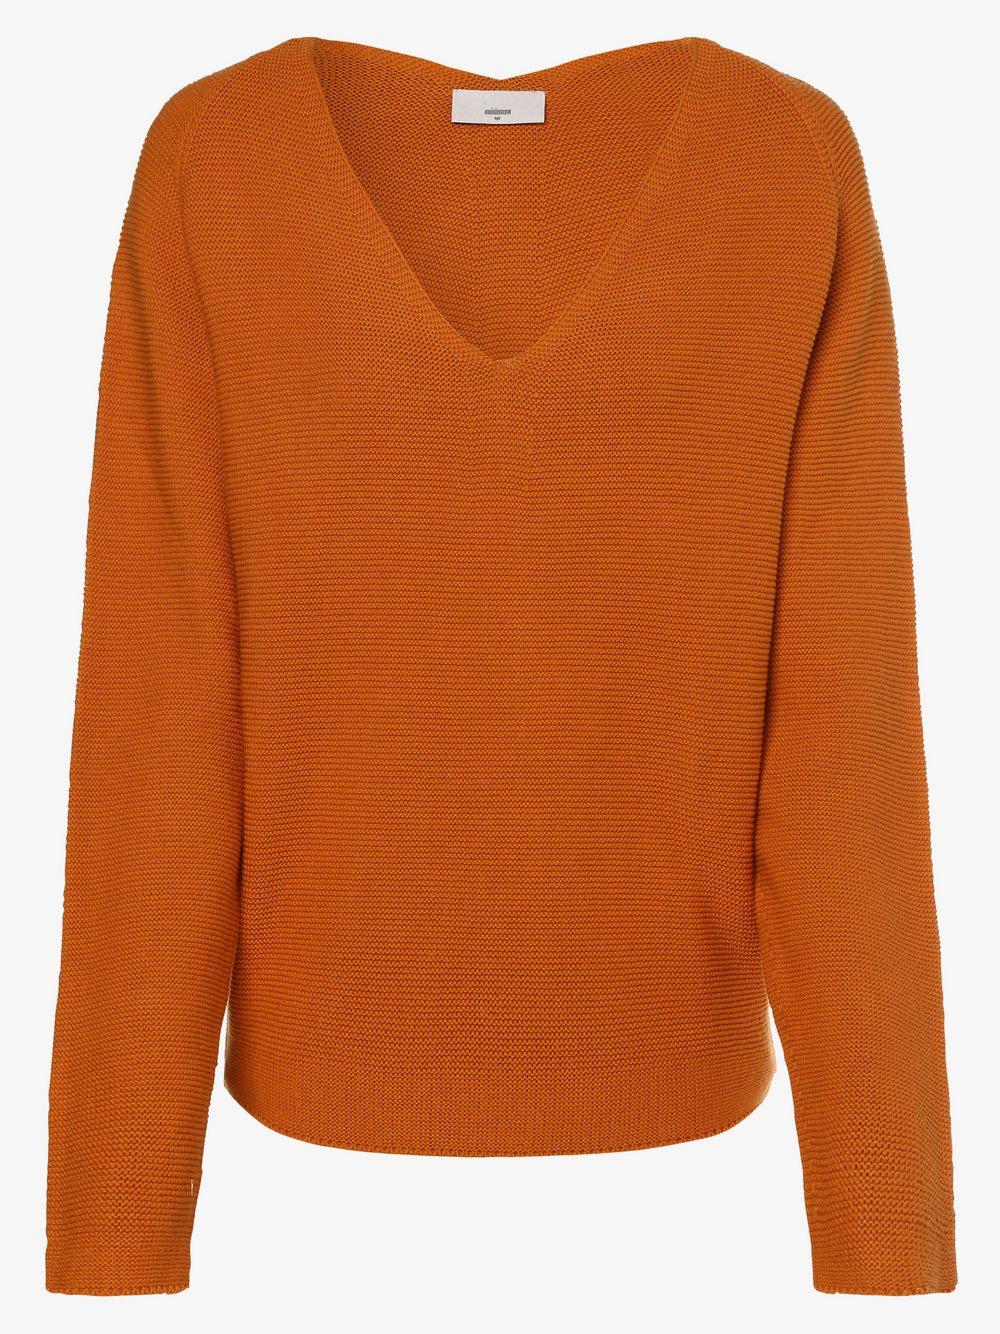 Minimum – Sweter damski – Stinea, żółty Van Graaf 484384-0001-09940